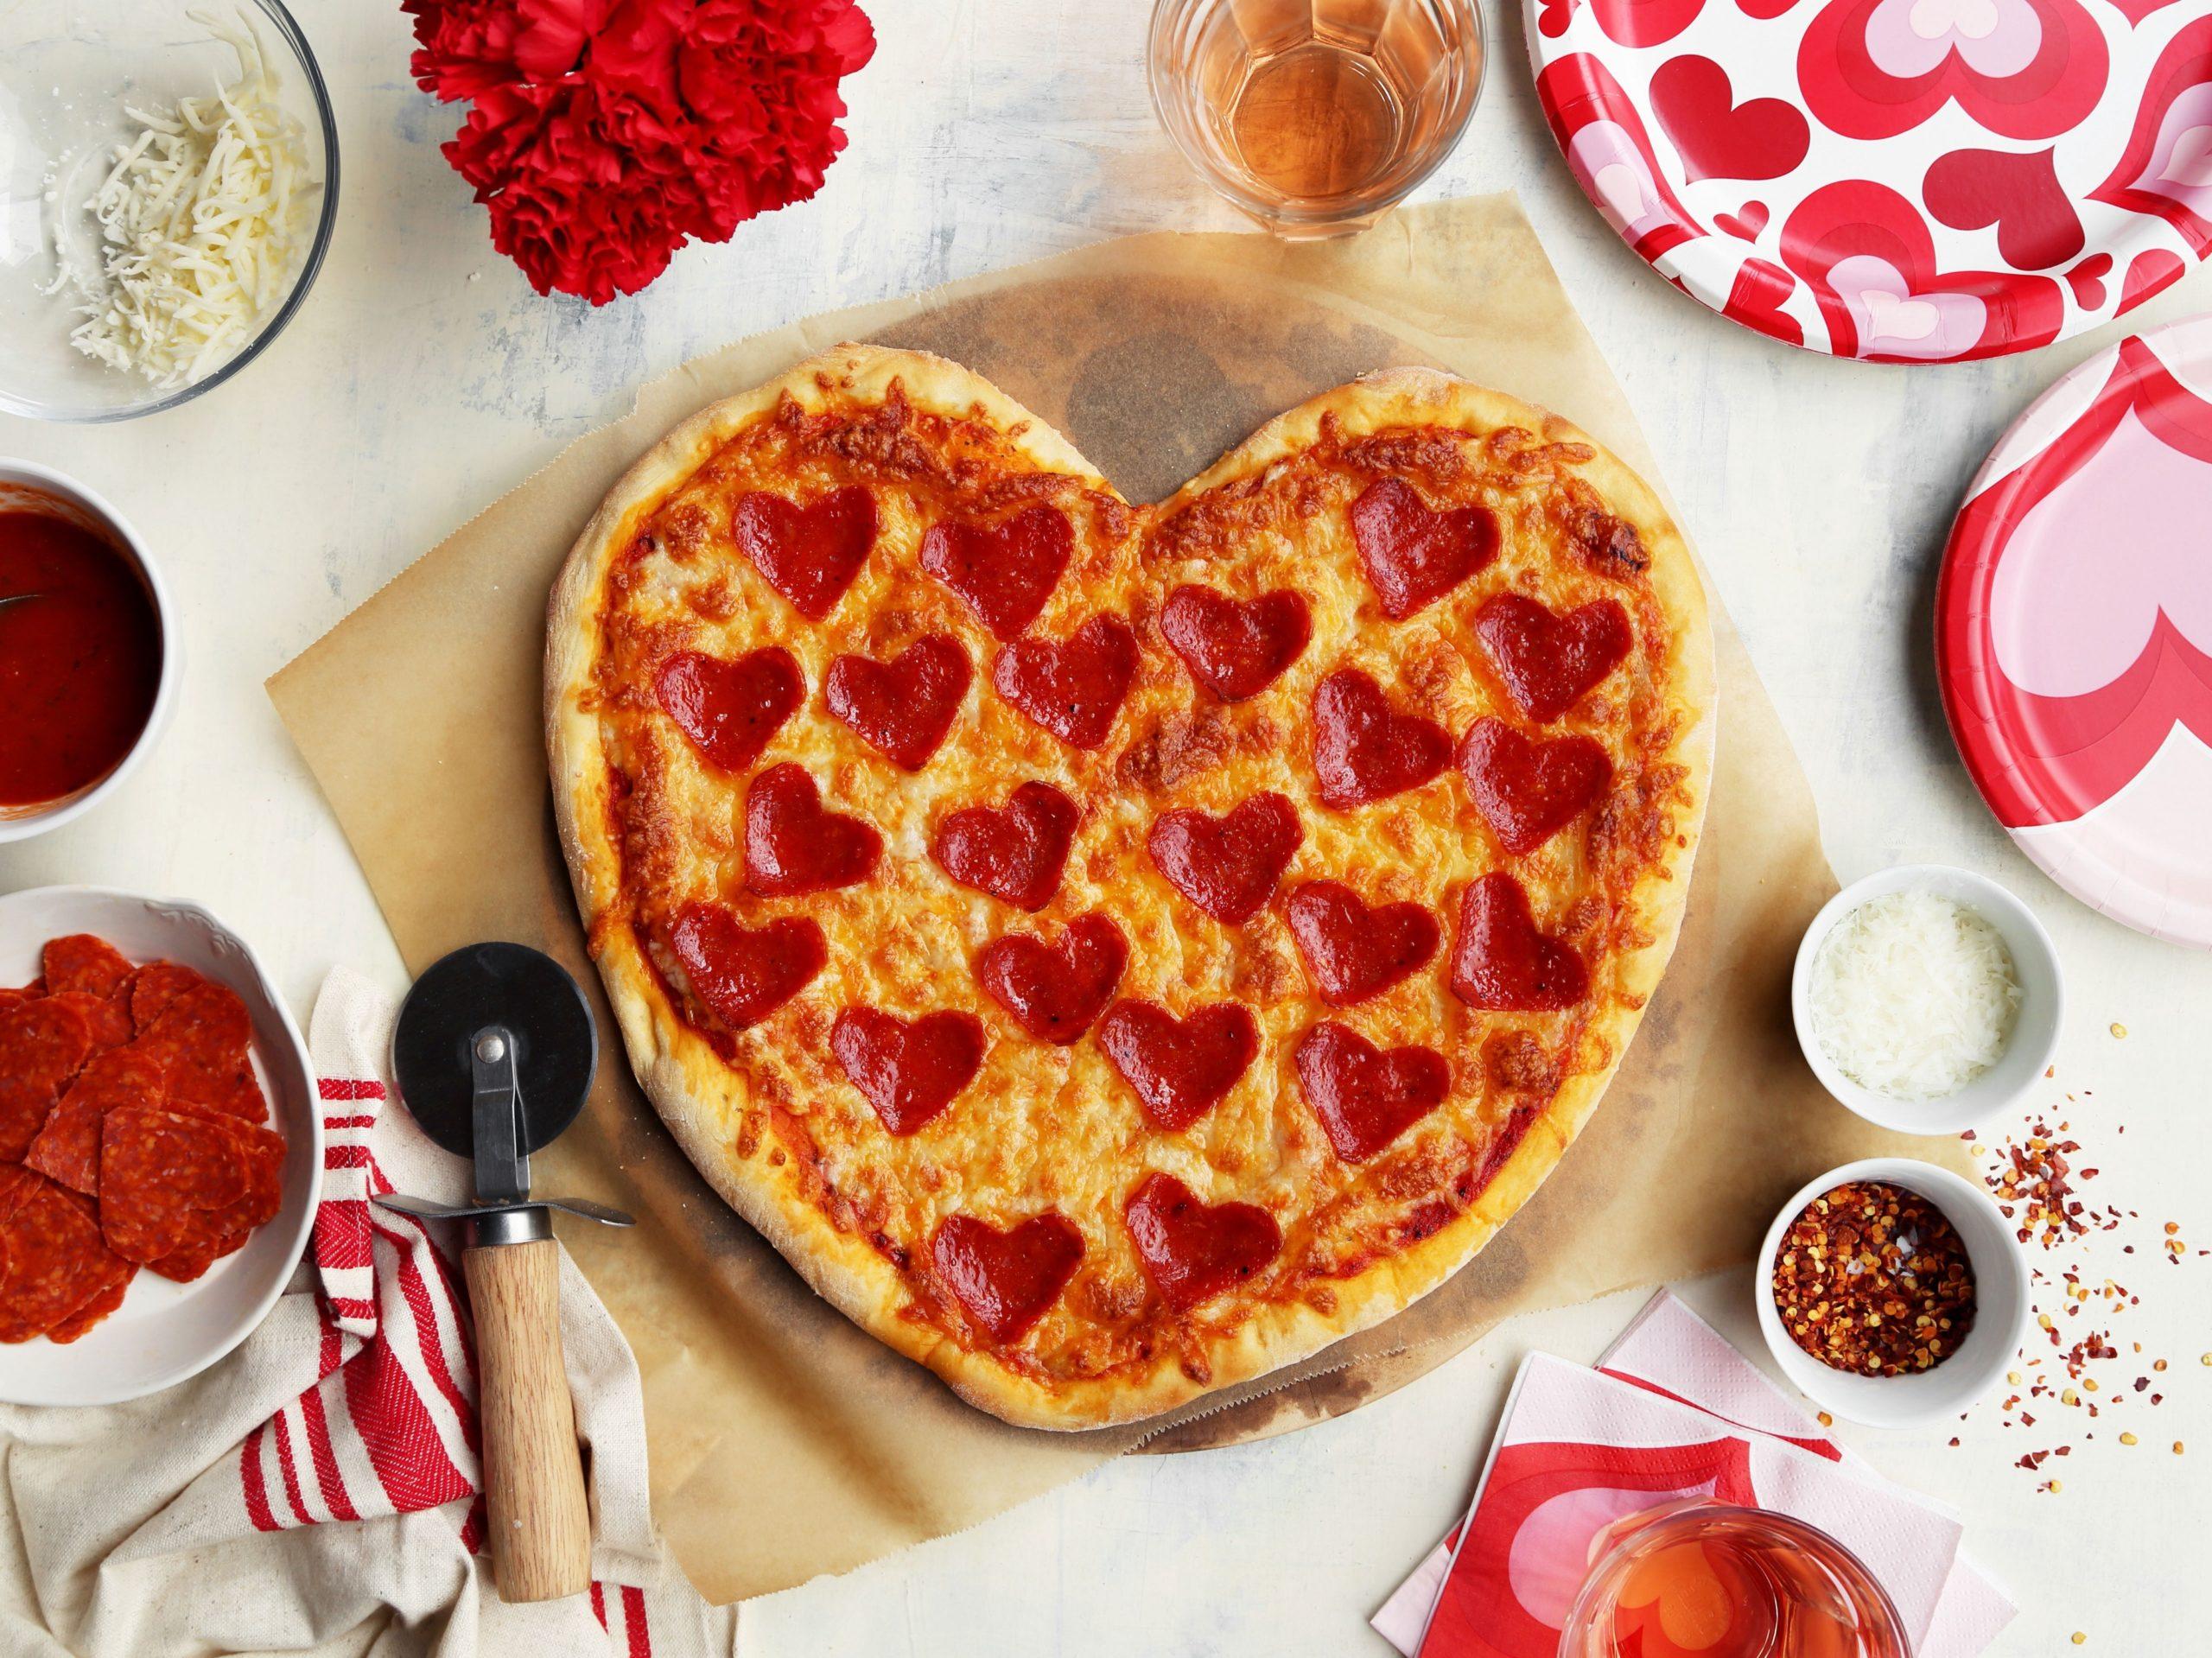 Idées de repas pour la Saint-Valentin: pizza en forme de coeur.